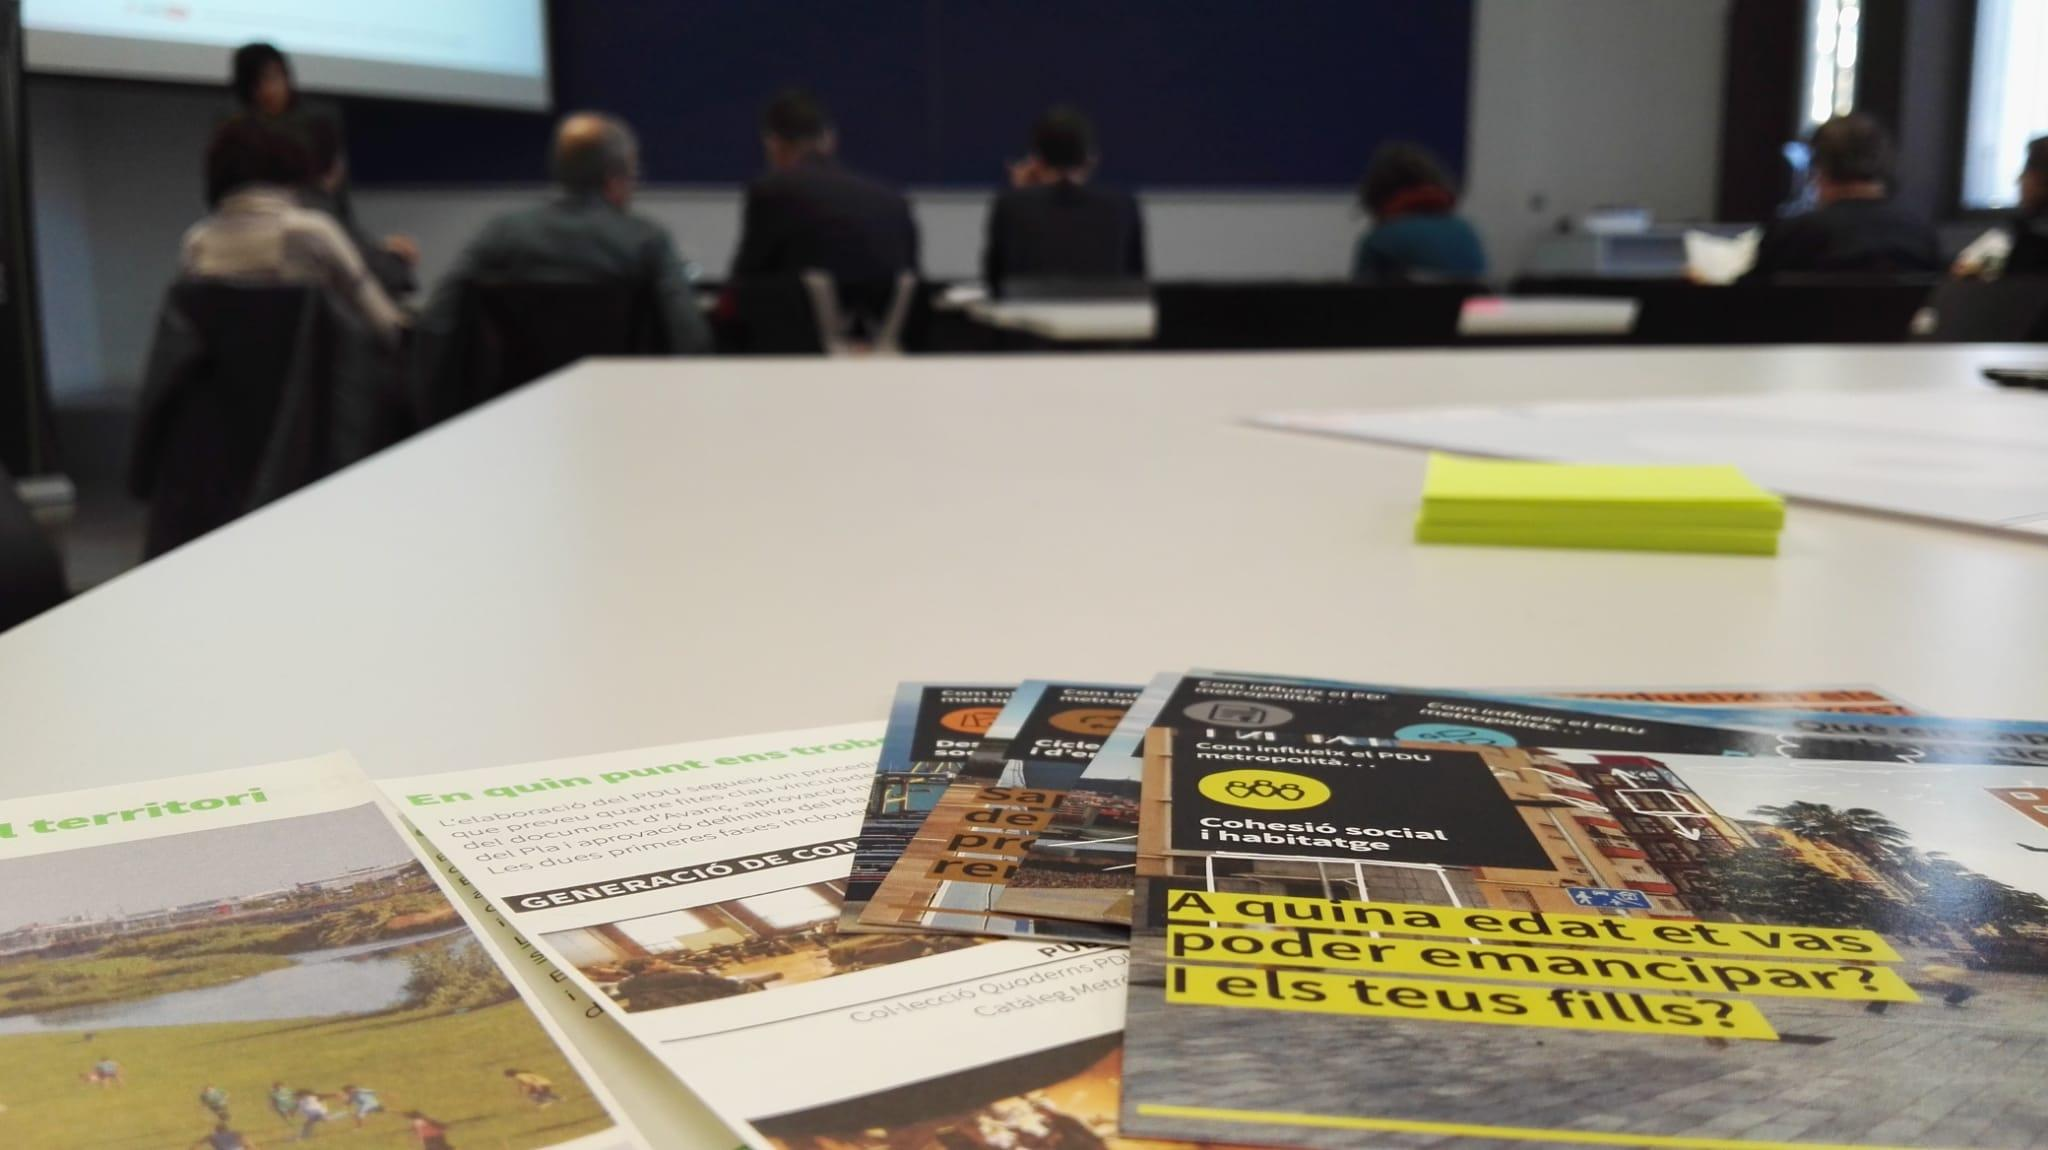 Cohesión social y vivienda son las temáticas de la 4a sesión de participación alrededor del Avance del PDU Metropolitano